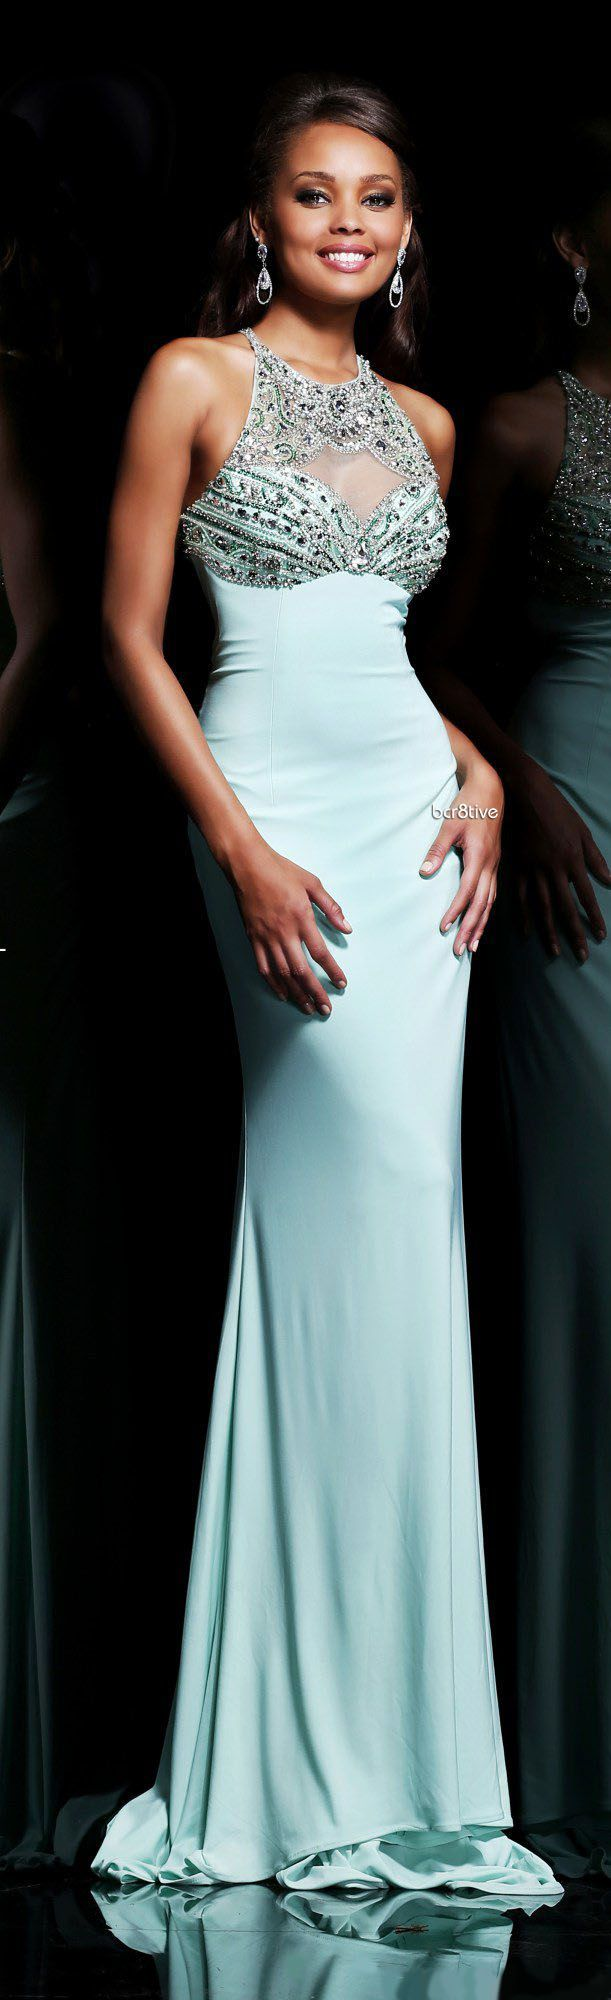 Sherri Hill http://www.wedding-dressuk.co.uk/evening-dresses-uk63_11